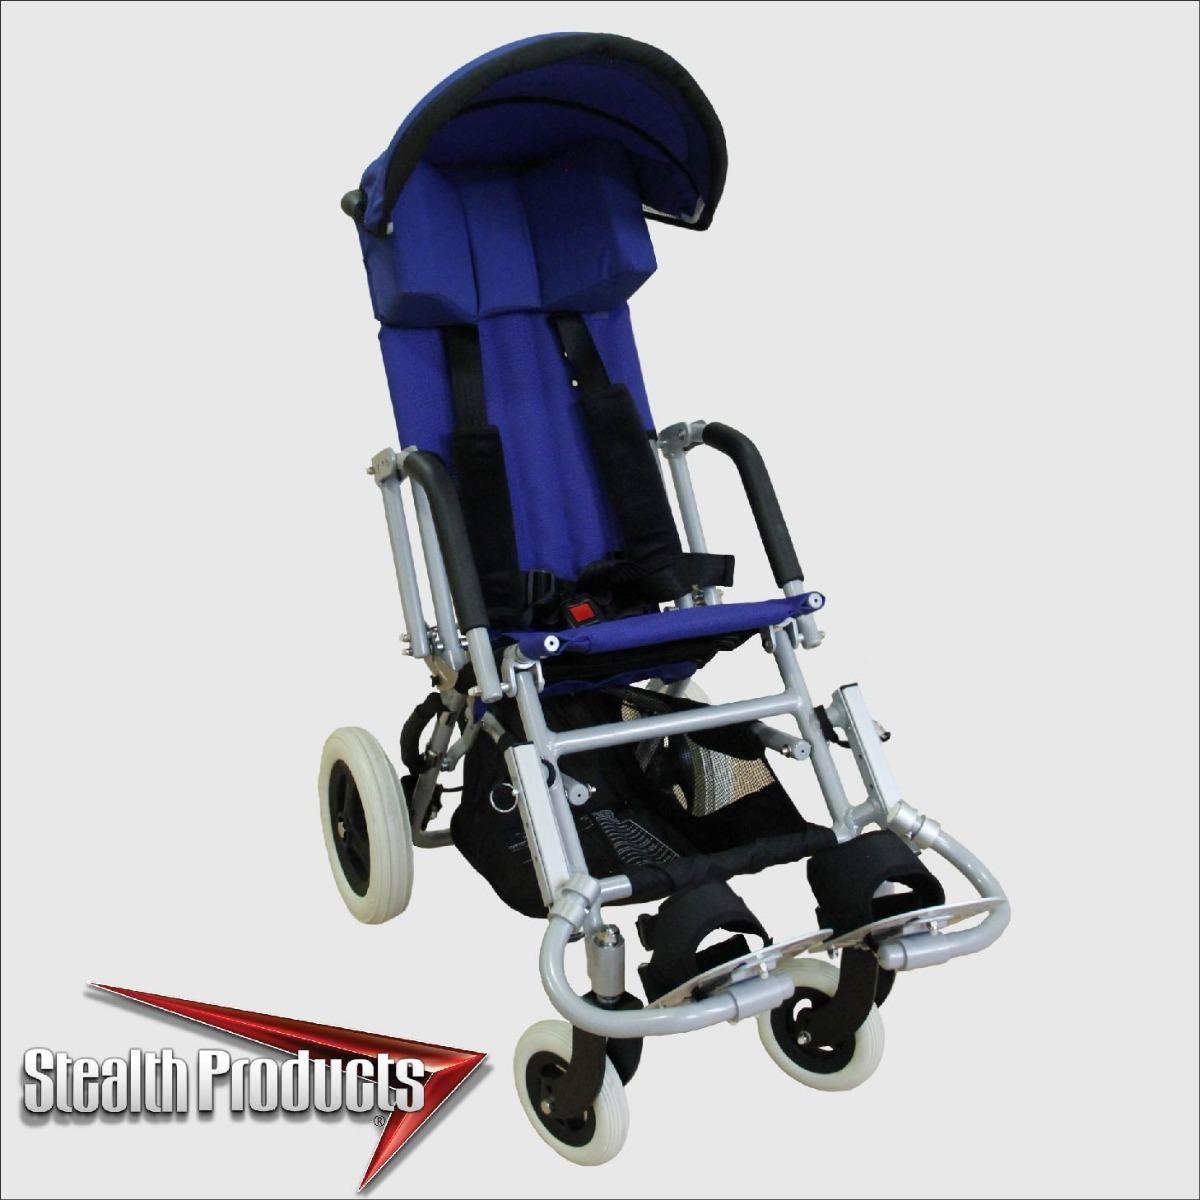 Silla de ruedas pci tipo carreola pediatrica posicionamient 19 en mercado libre - Silla de ruedas ninos ...